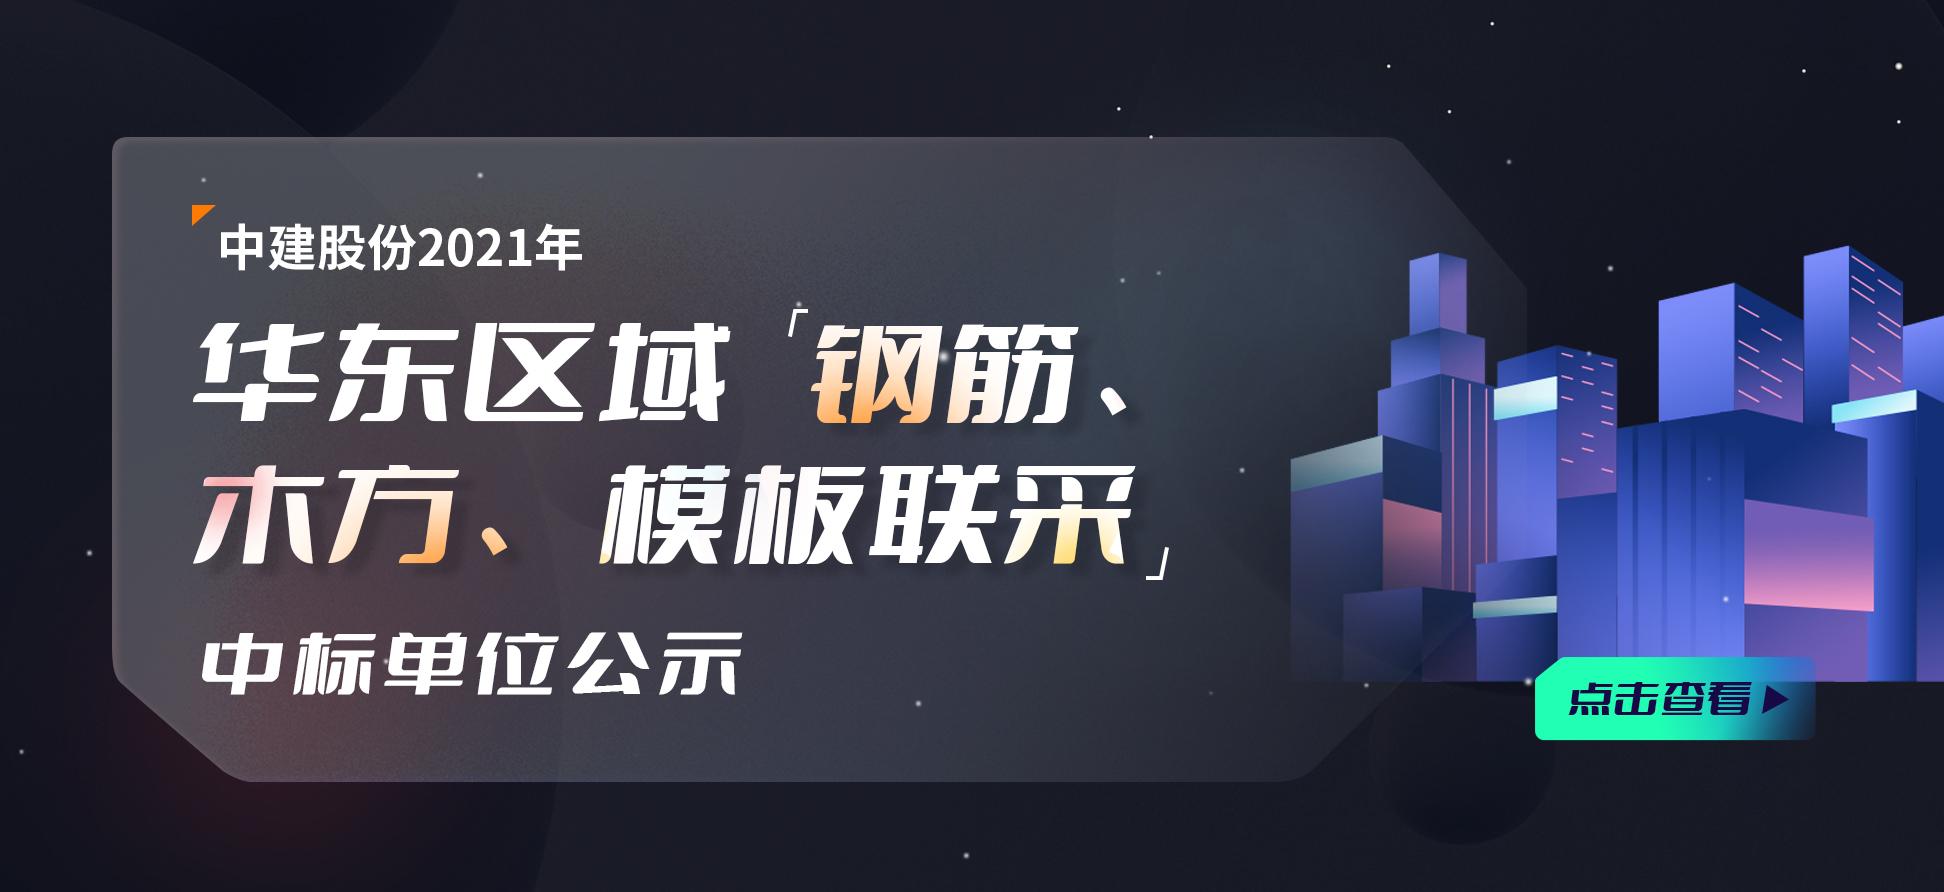 中建股份2021年華東區域中標單位(gong)公示